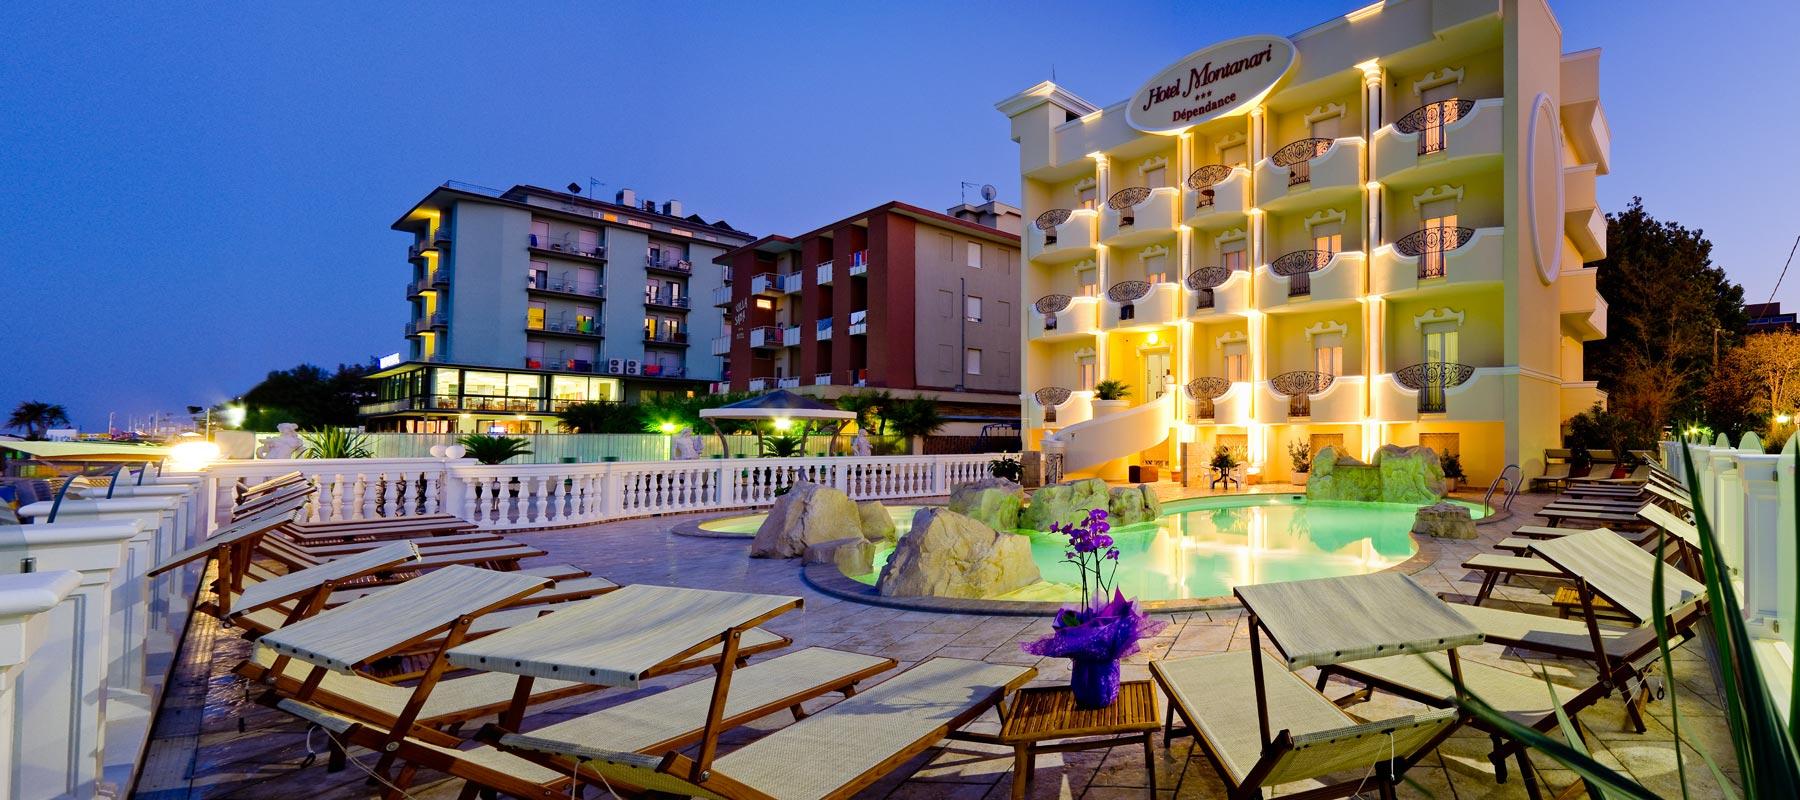 Hotel montanari 3 stelle bellaria con piscina ideale per for Hotel a barcellona 3 stelle